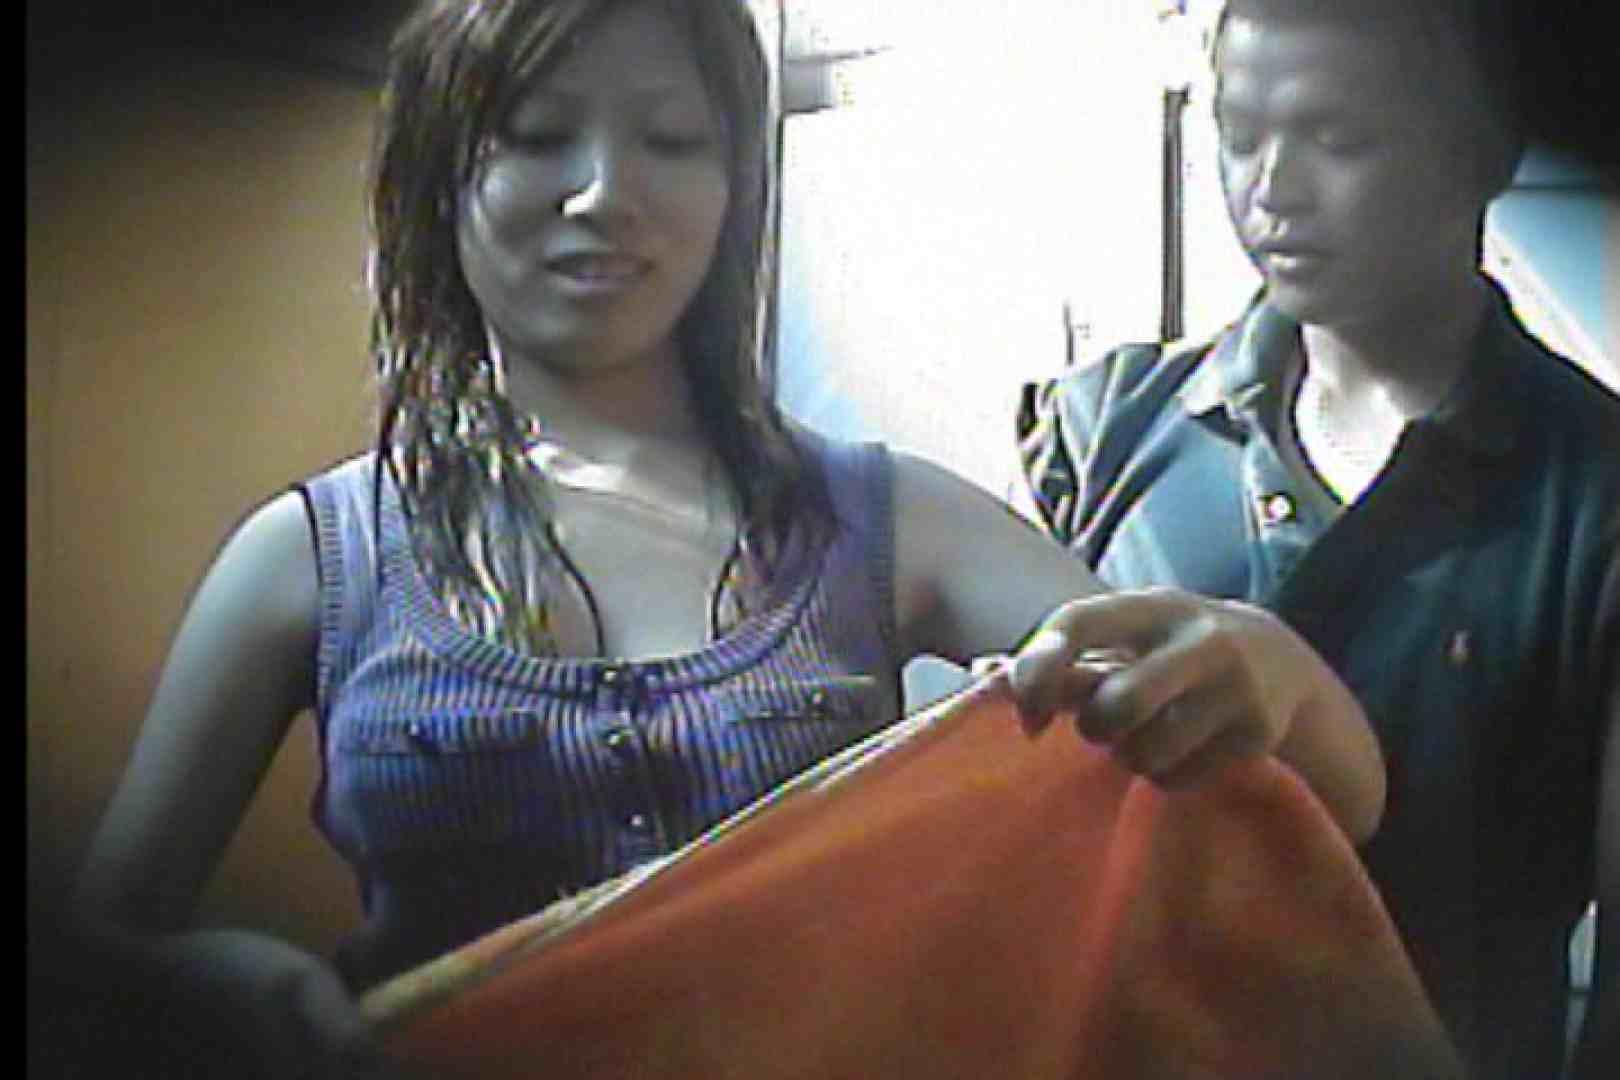 海の家の更衣室 Vol.47 OLの実態 盗撮おまんこ無修正動画無料 95pic 86